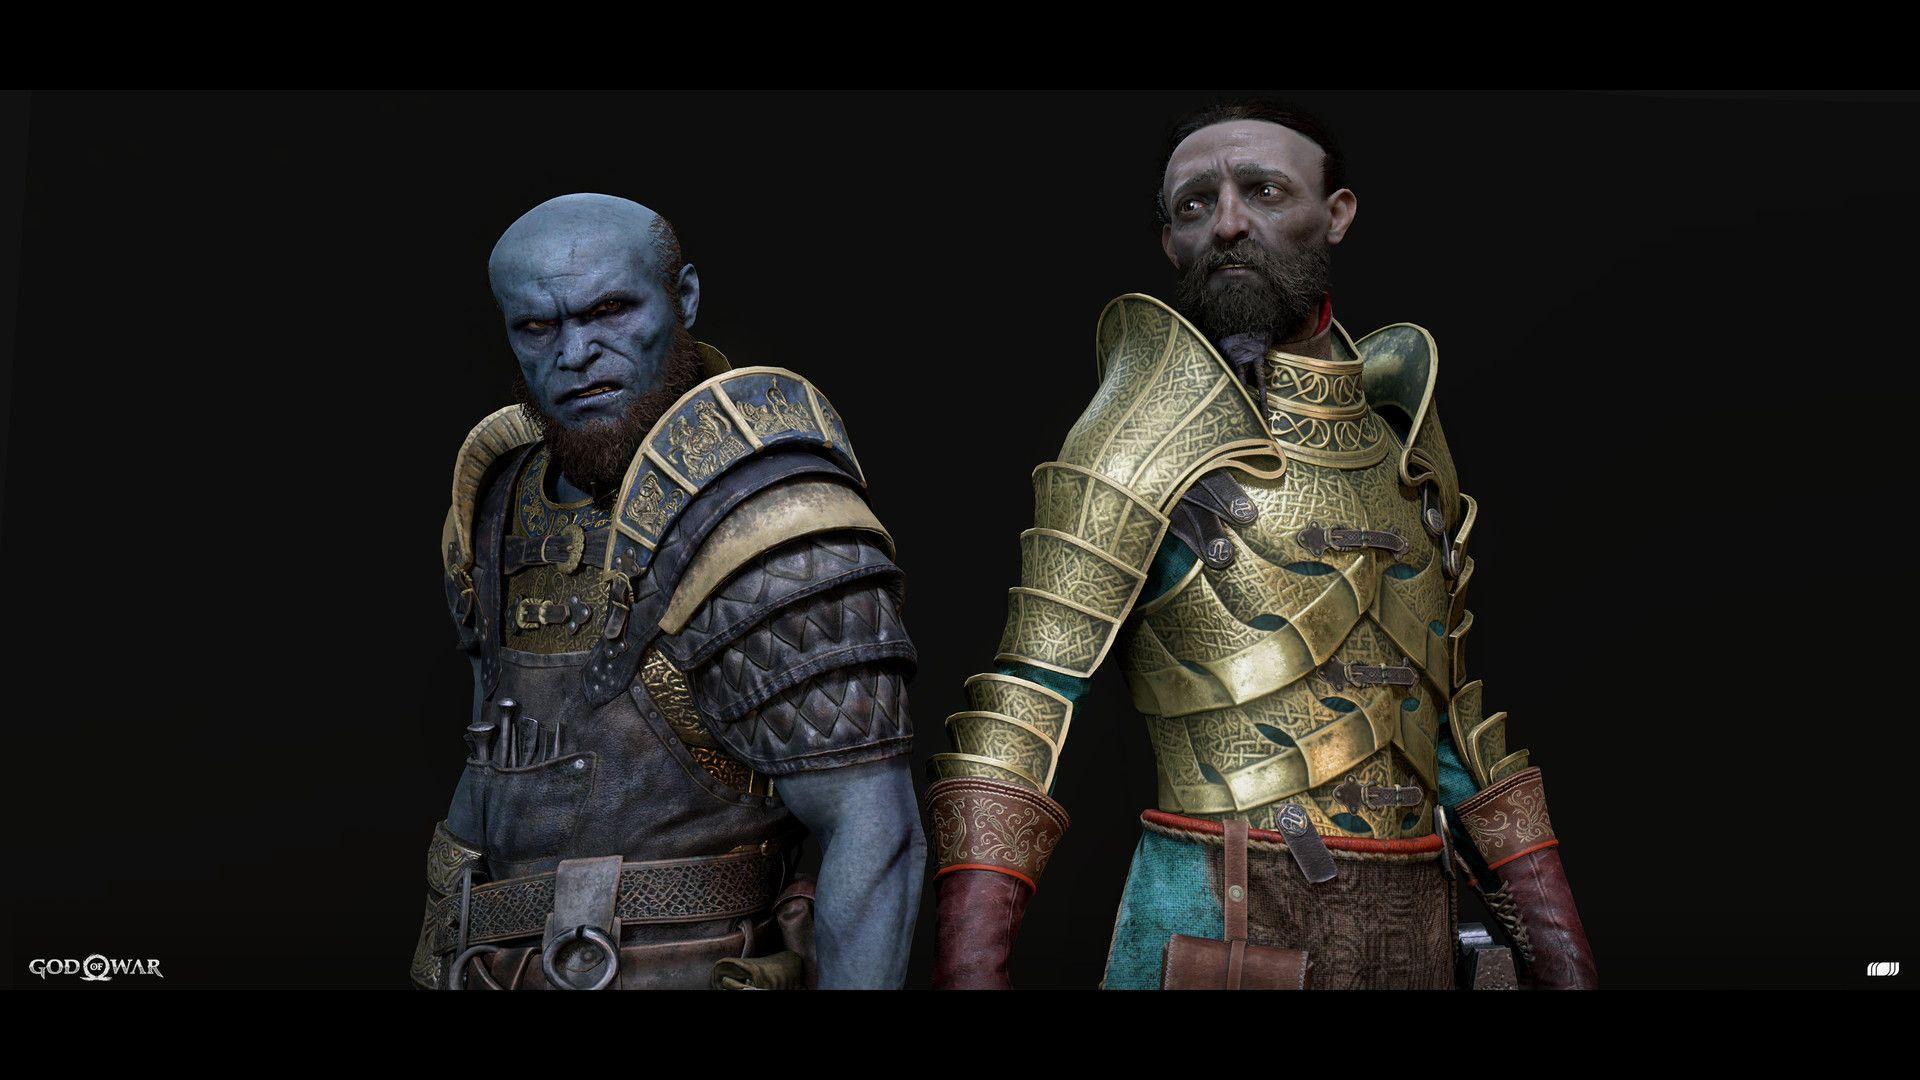 Image result for Dwarf brothers god of war